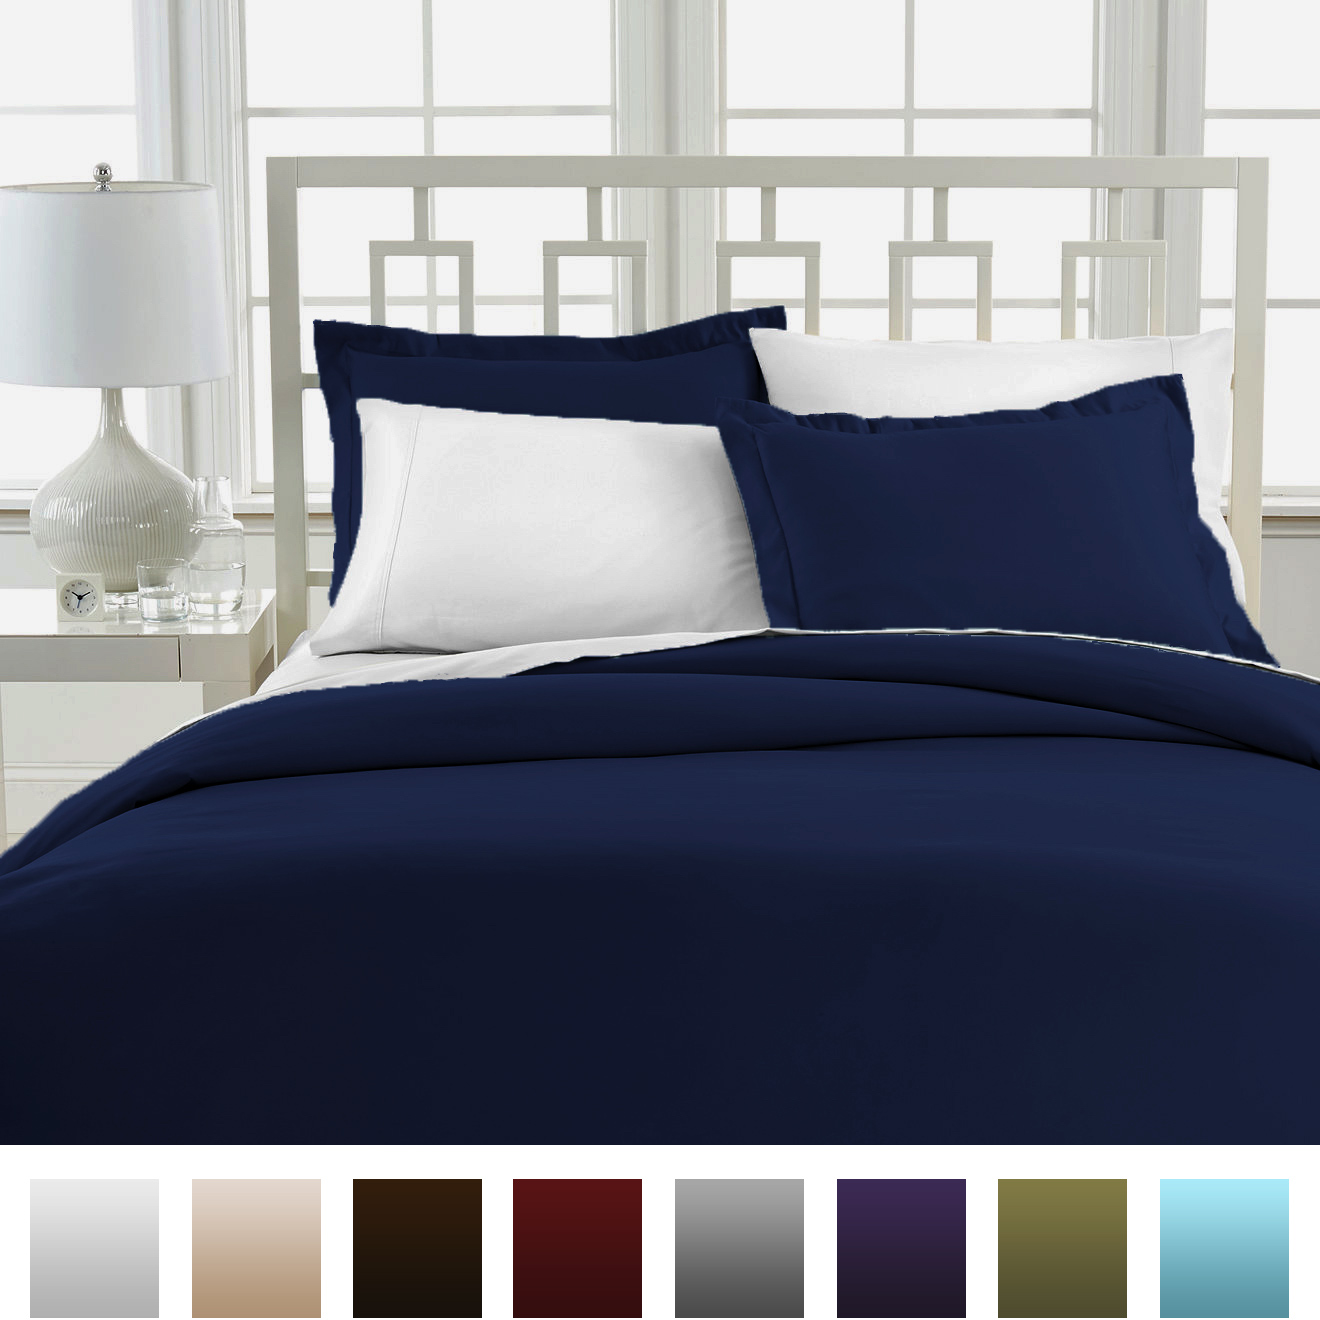 Beckham hotel collection luxury soft duvet cover set ebay for Luxury hotel collection